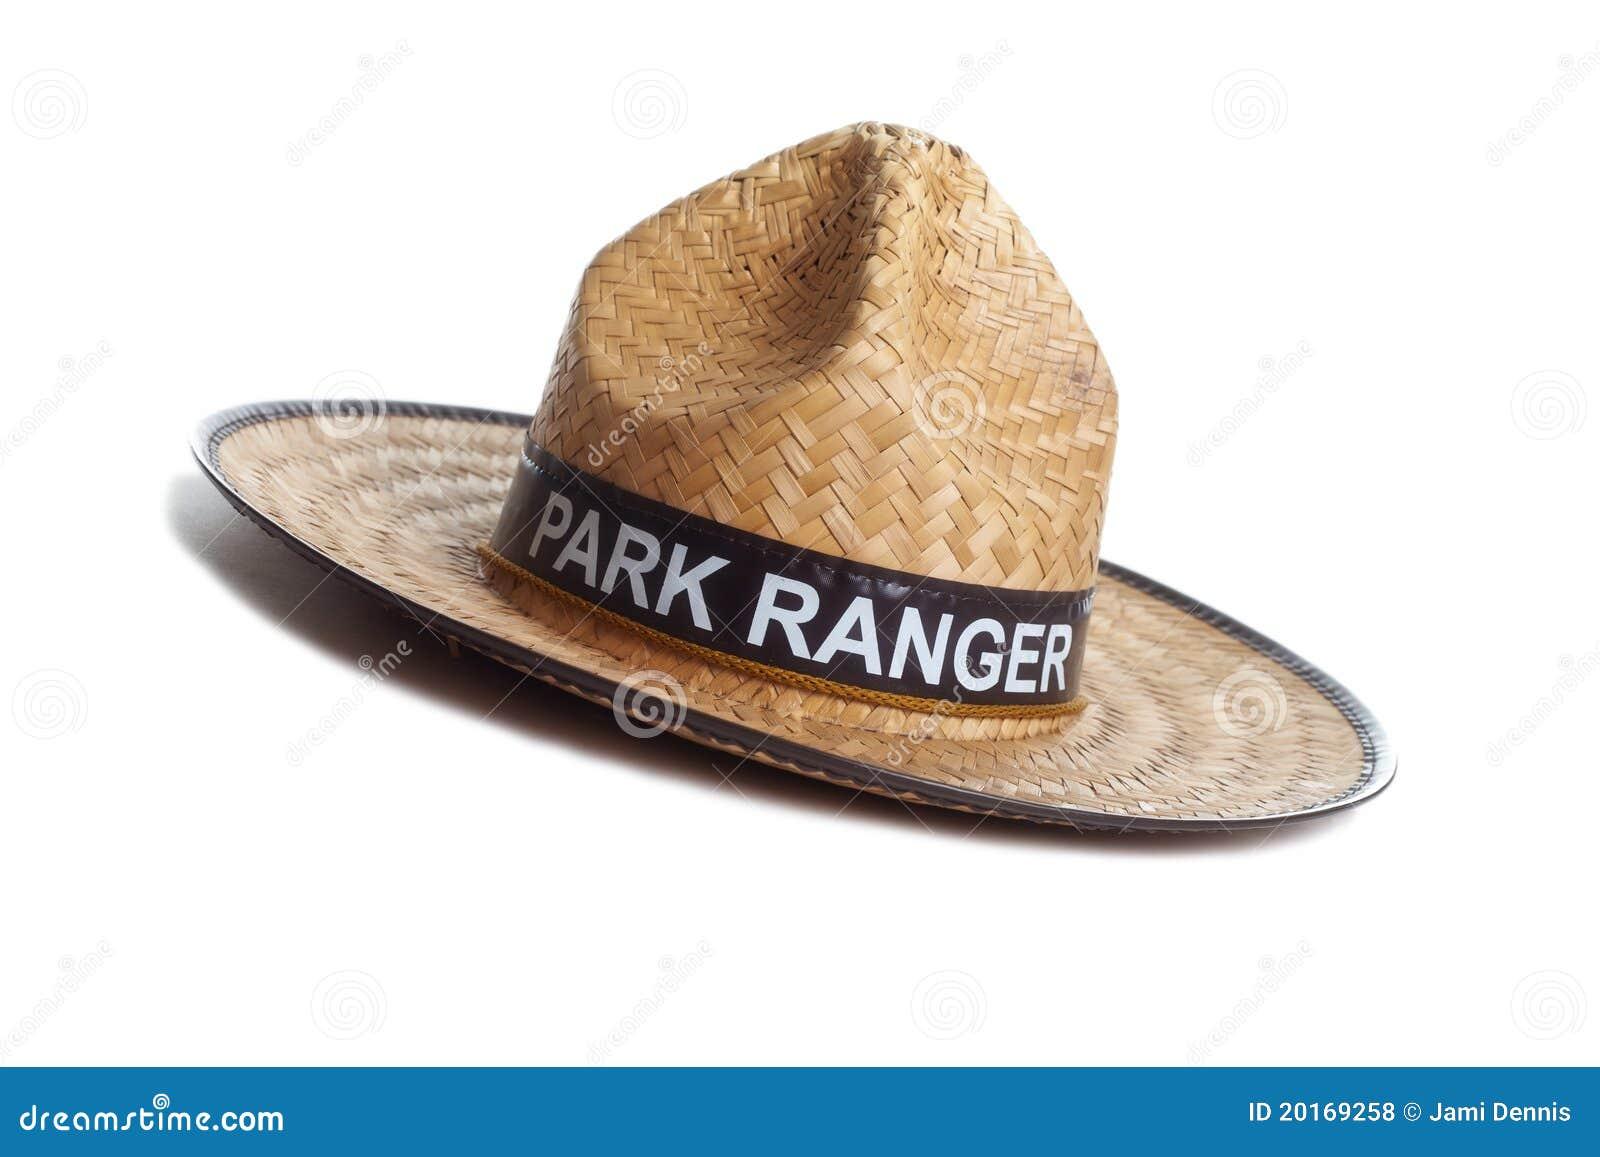 Cappello Forestale Immagine Fotografia Del Sosta Stock Guardia Di sdQtrCh